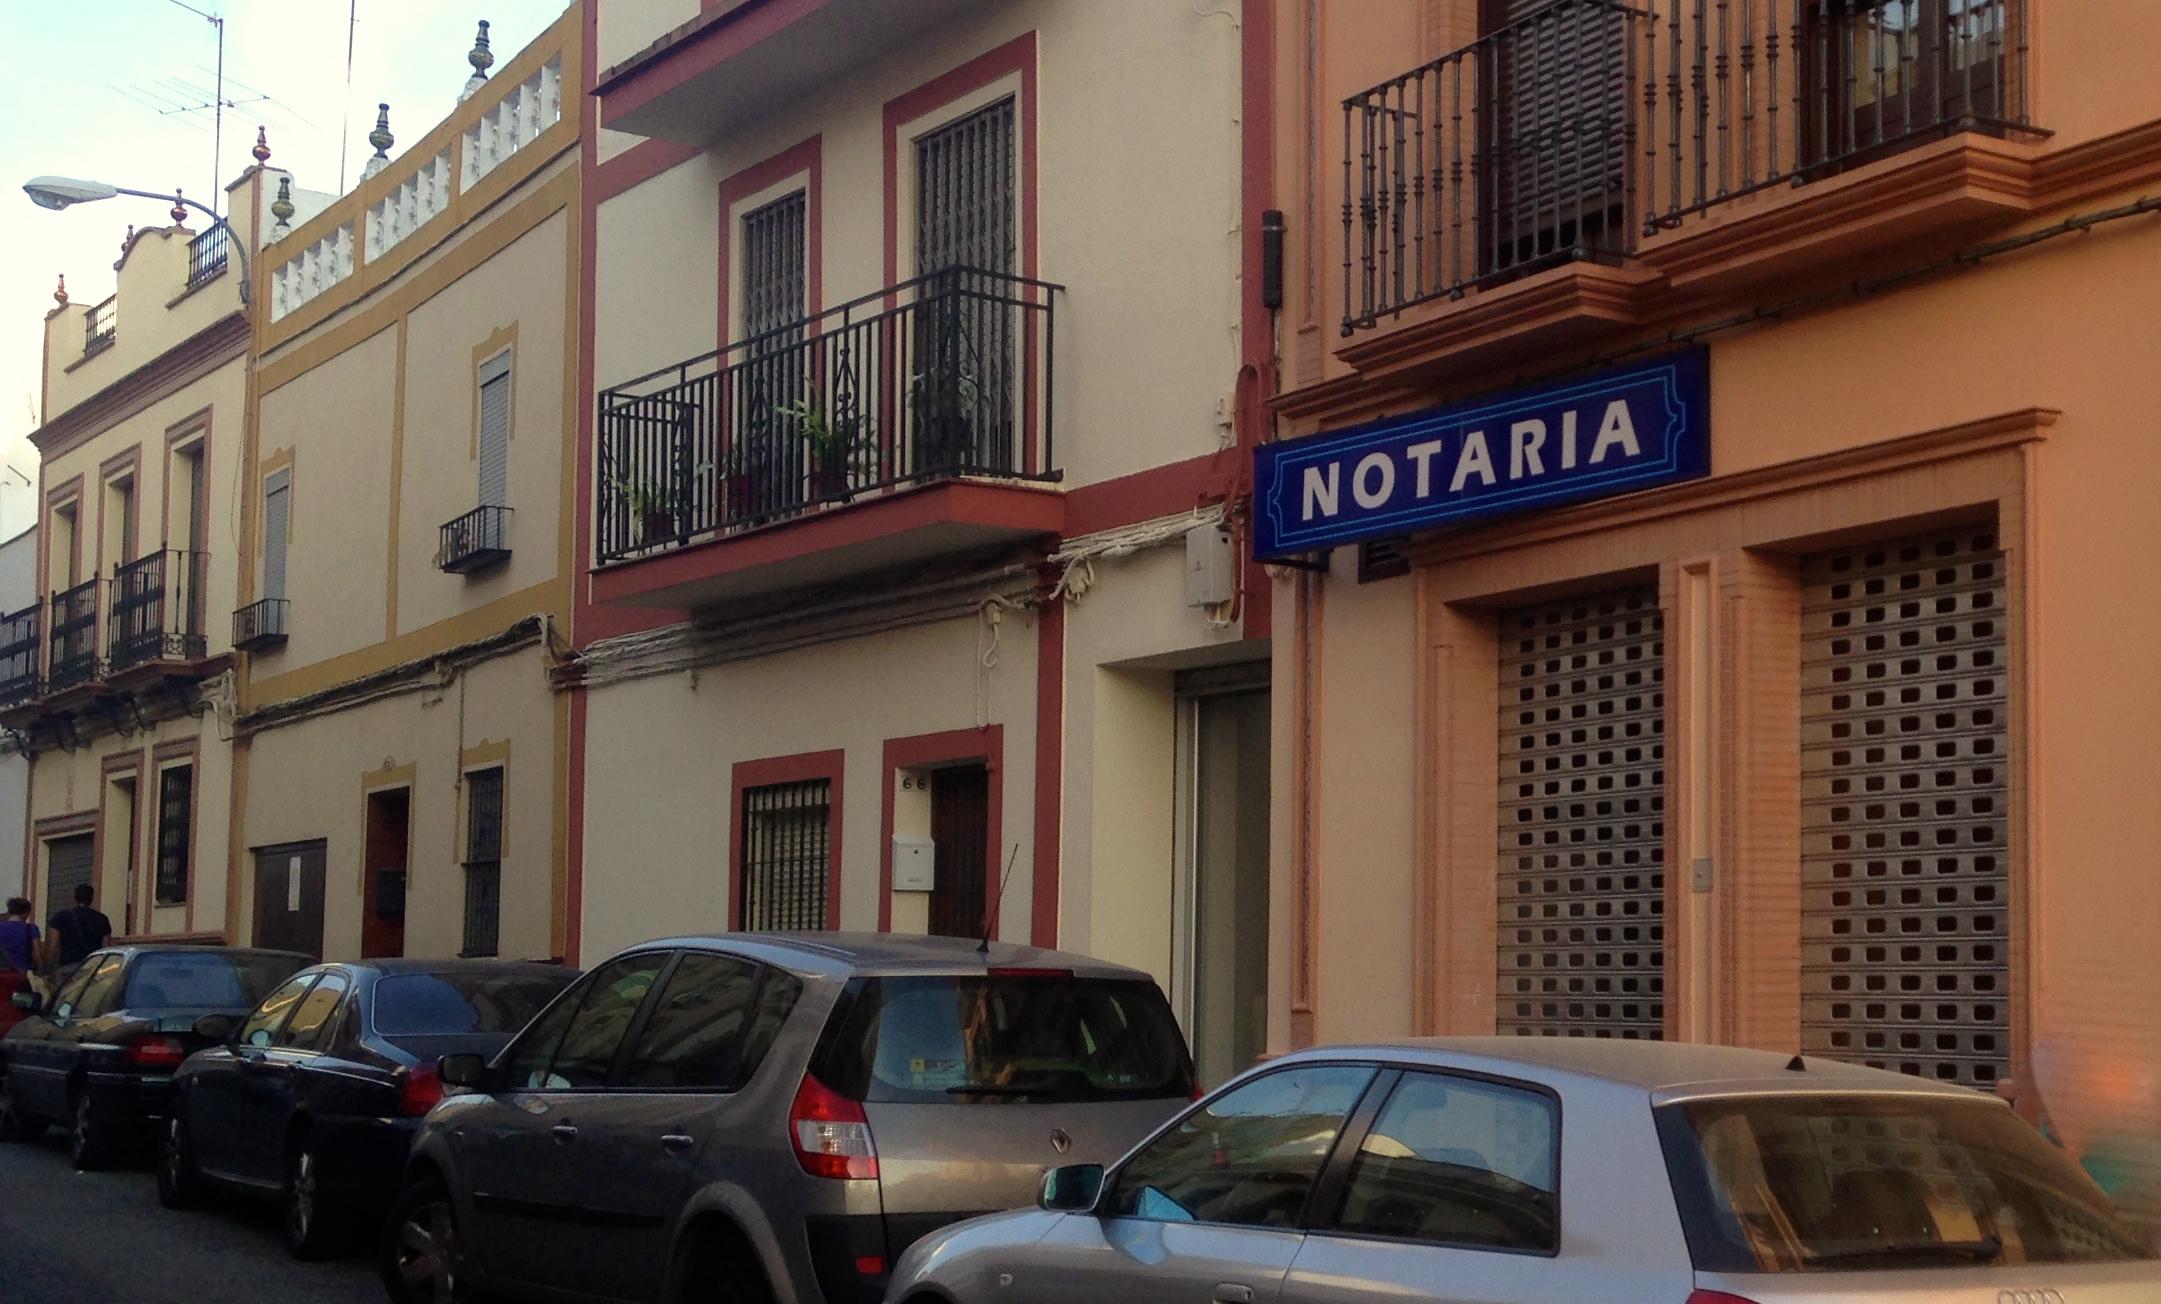 Nueva Notaría en Alcalá de Guadaíra